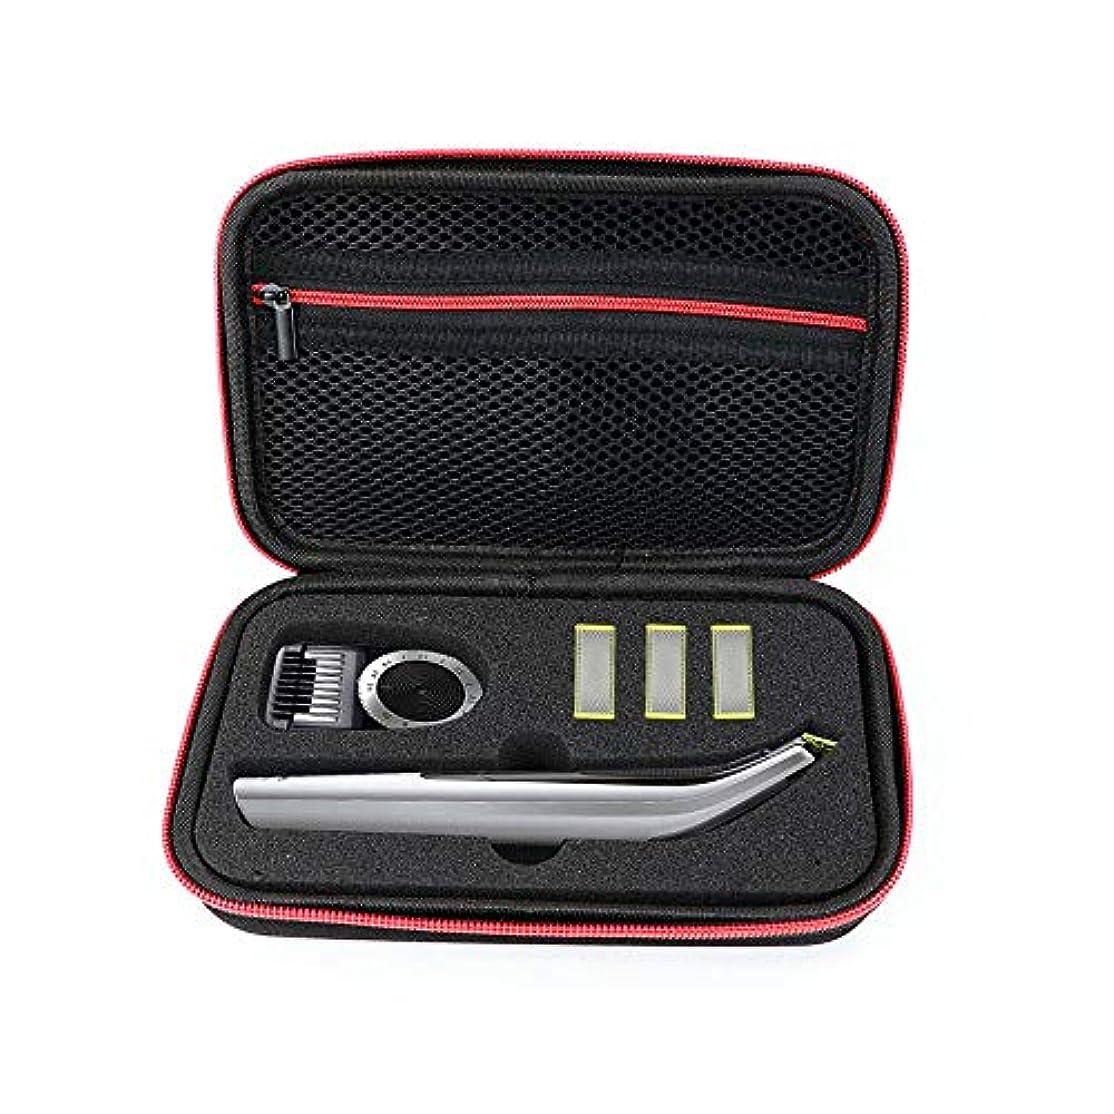 ボイラー主に好むZBRGX OneBlade Pro QP150トラベルケースフィリップス電気かみそりケース QP6520 QP6510用ポータブル収納袋 防塵 防水 耐衝撃 キャリングケース 保護ポーチ (赤)